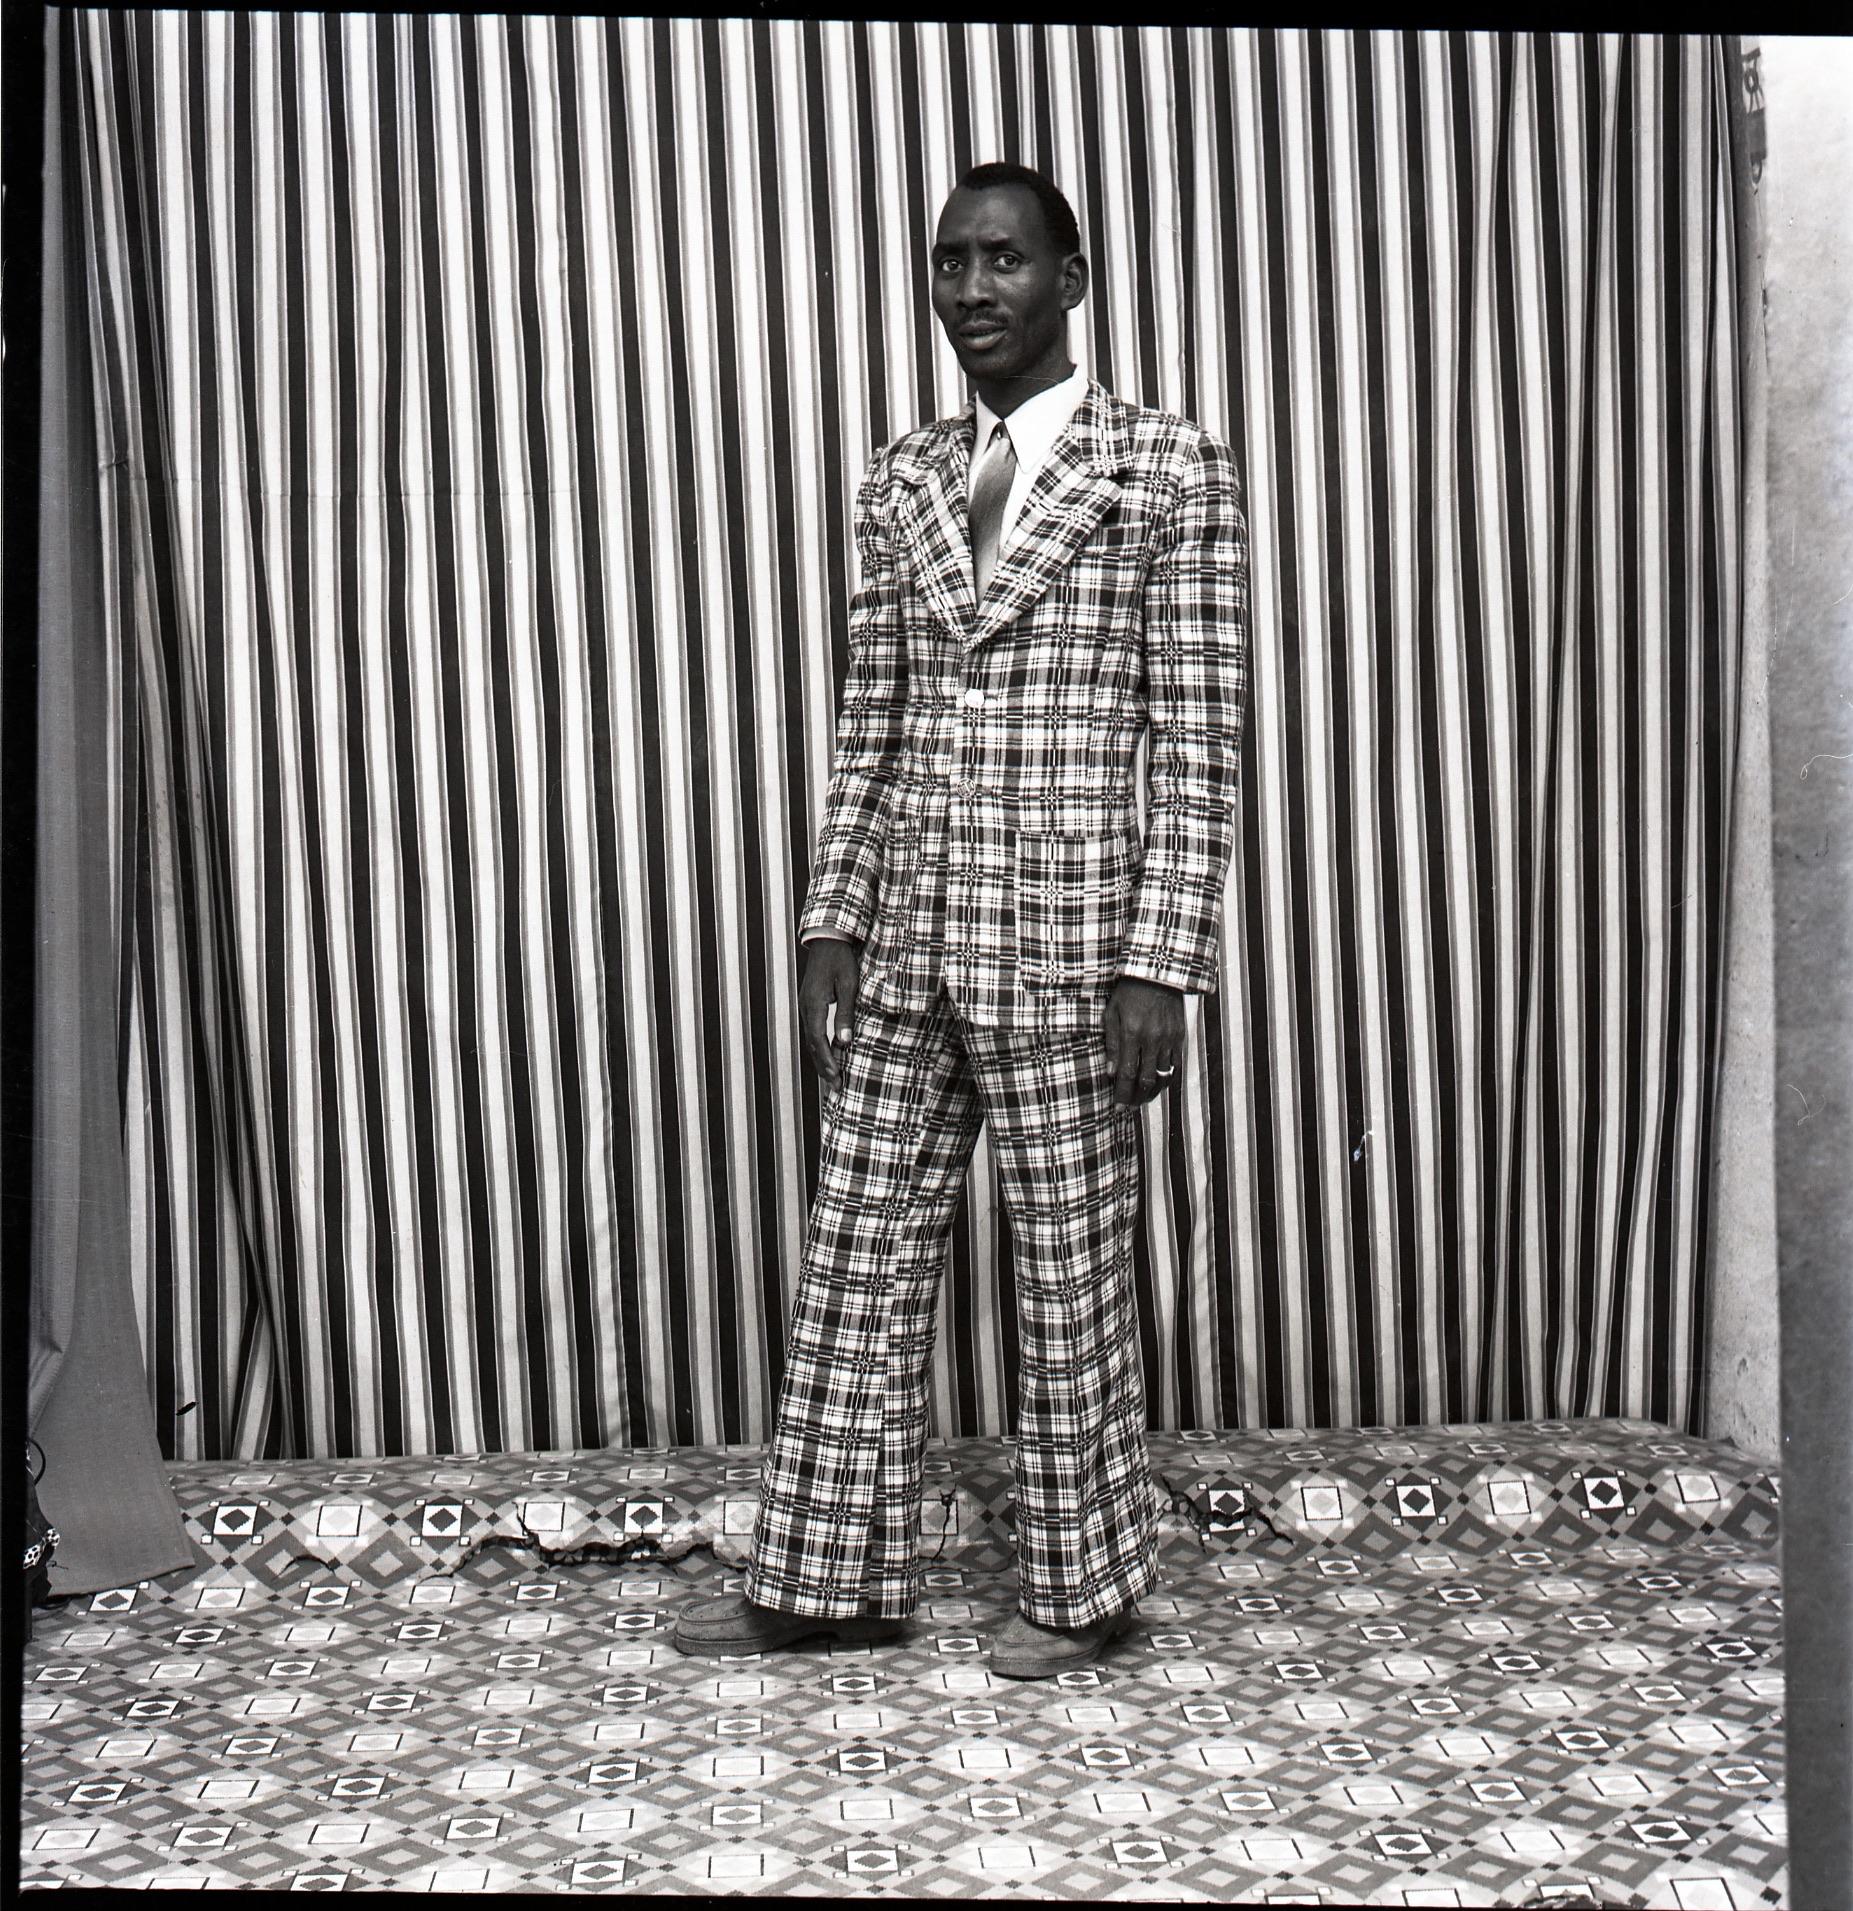 Malick Sidibé, A moi seul, 1978, Tirage argentique baryté, Papier : 50 x 60 cm